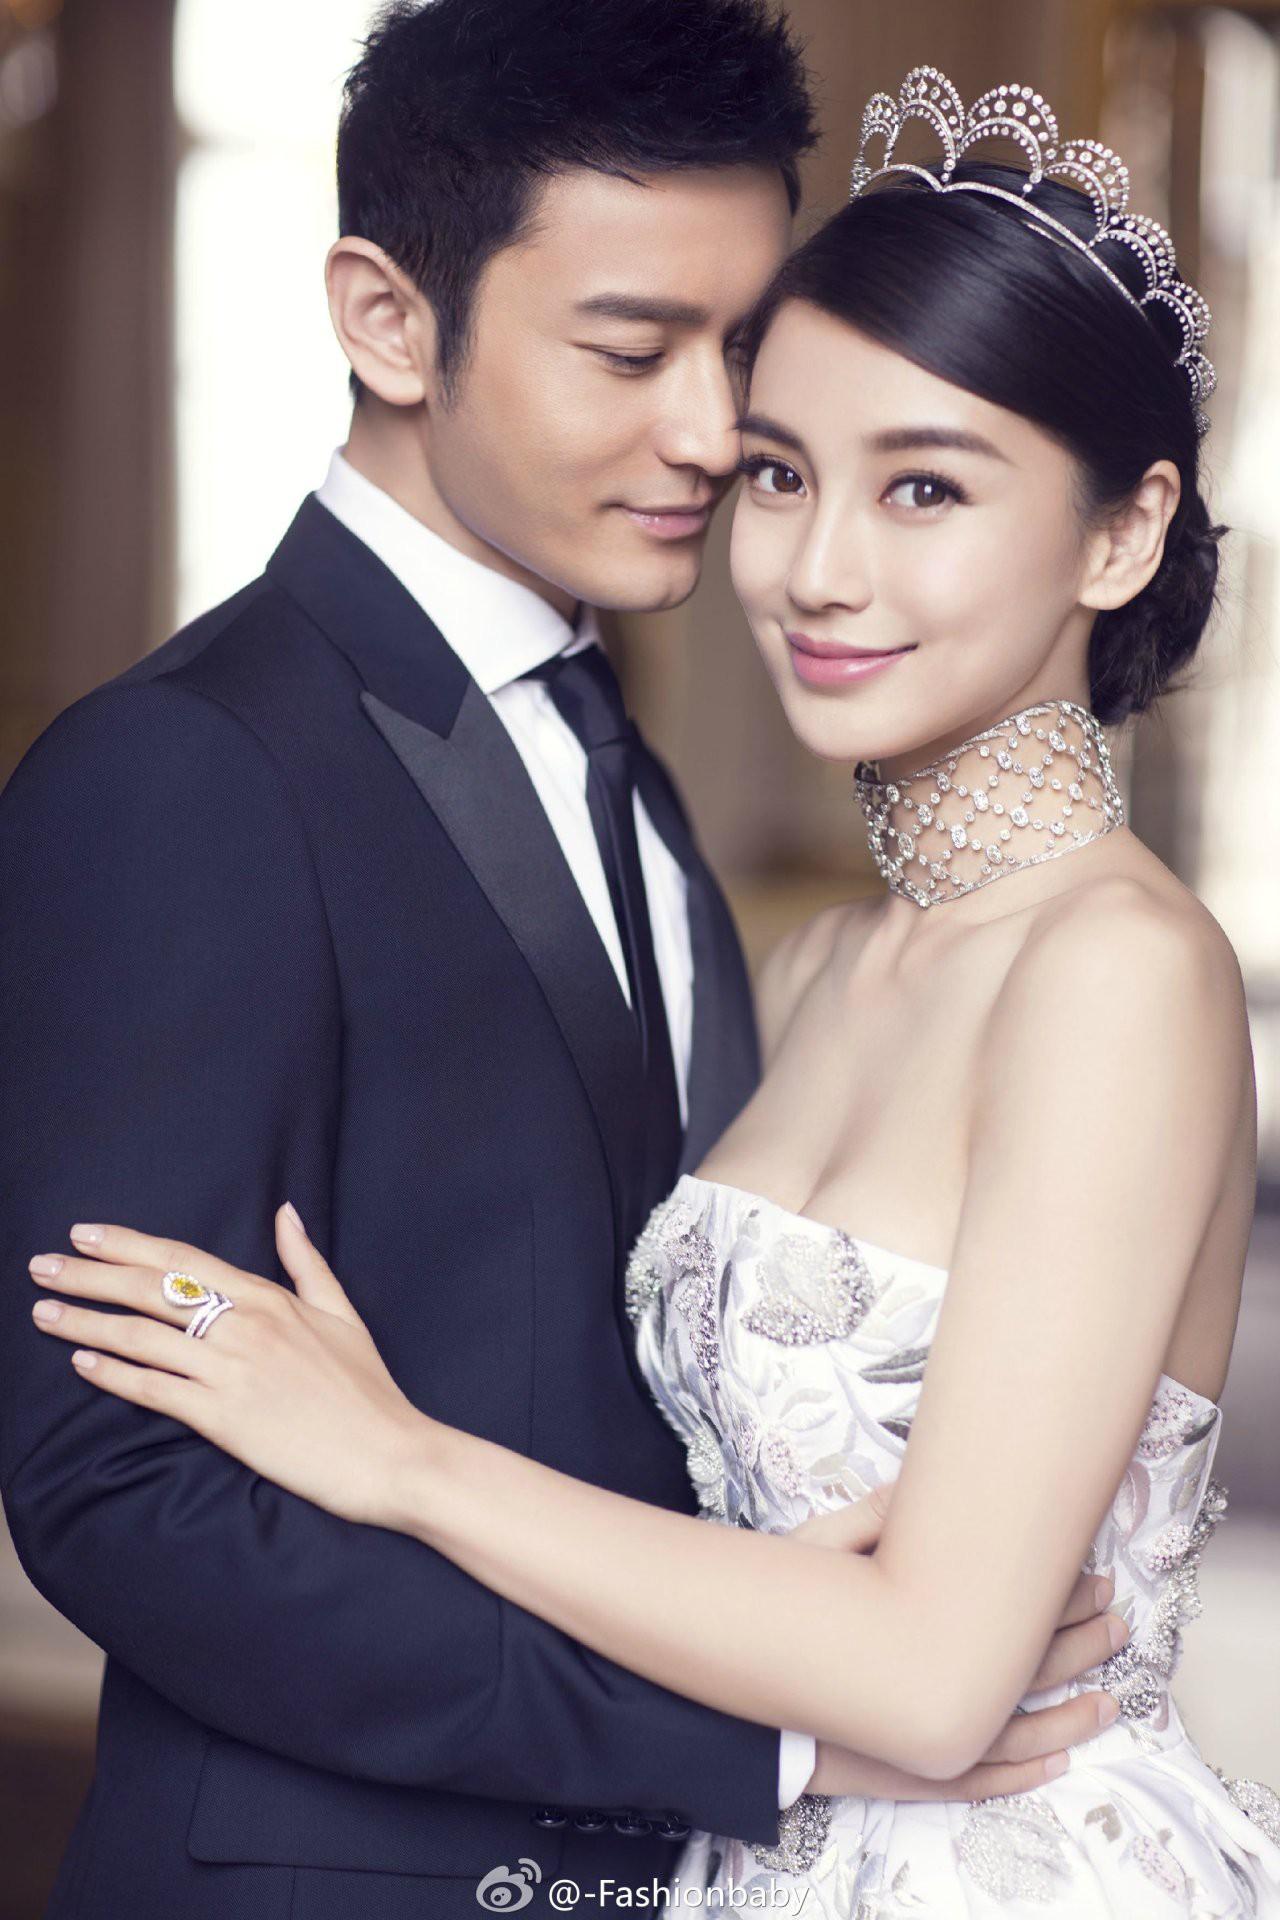 Soi hình quá khứ của các cặp đôi showbiz châu Á đẹp như mơ: Nhiều trường hợp gây sốc vì không như tưởng tượng - Ảnh 39.